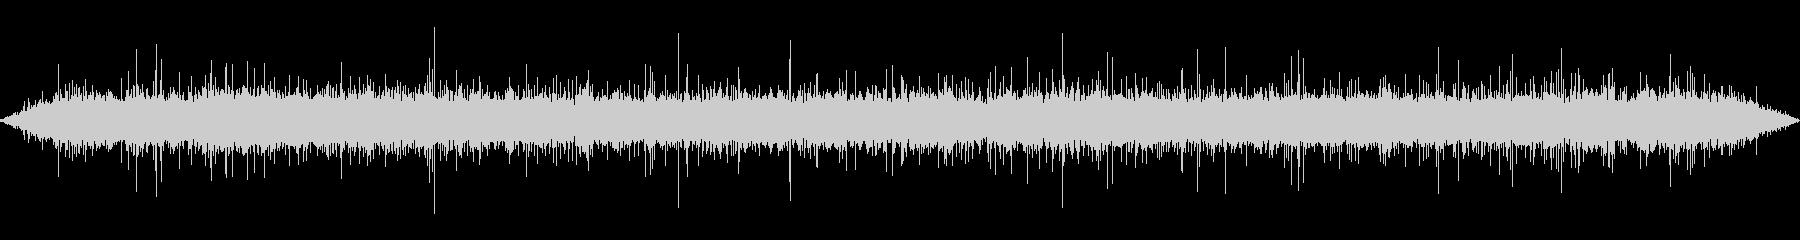 【自然音】川の流れる音01(軽井沢)の未再生の波形